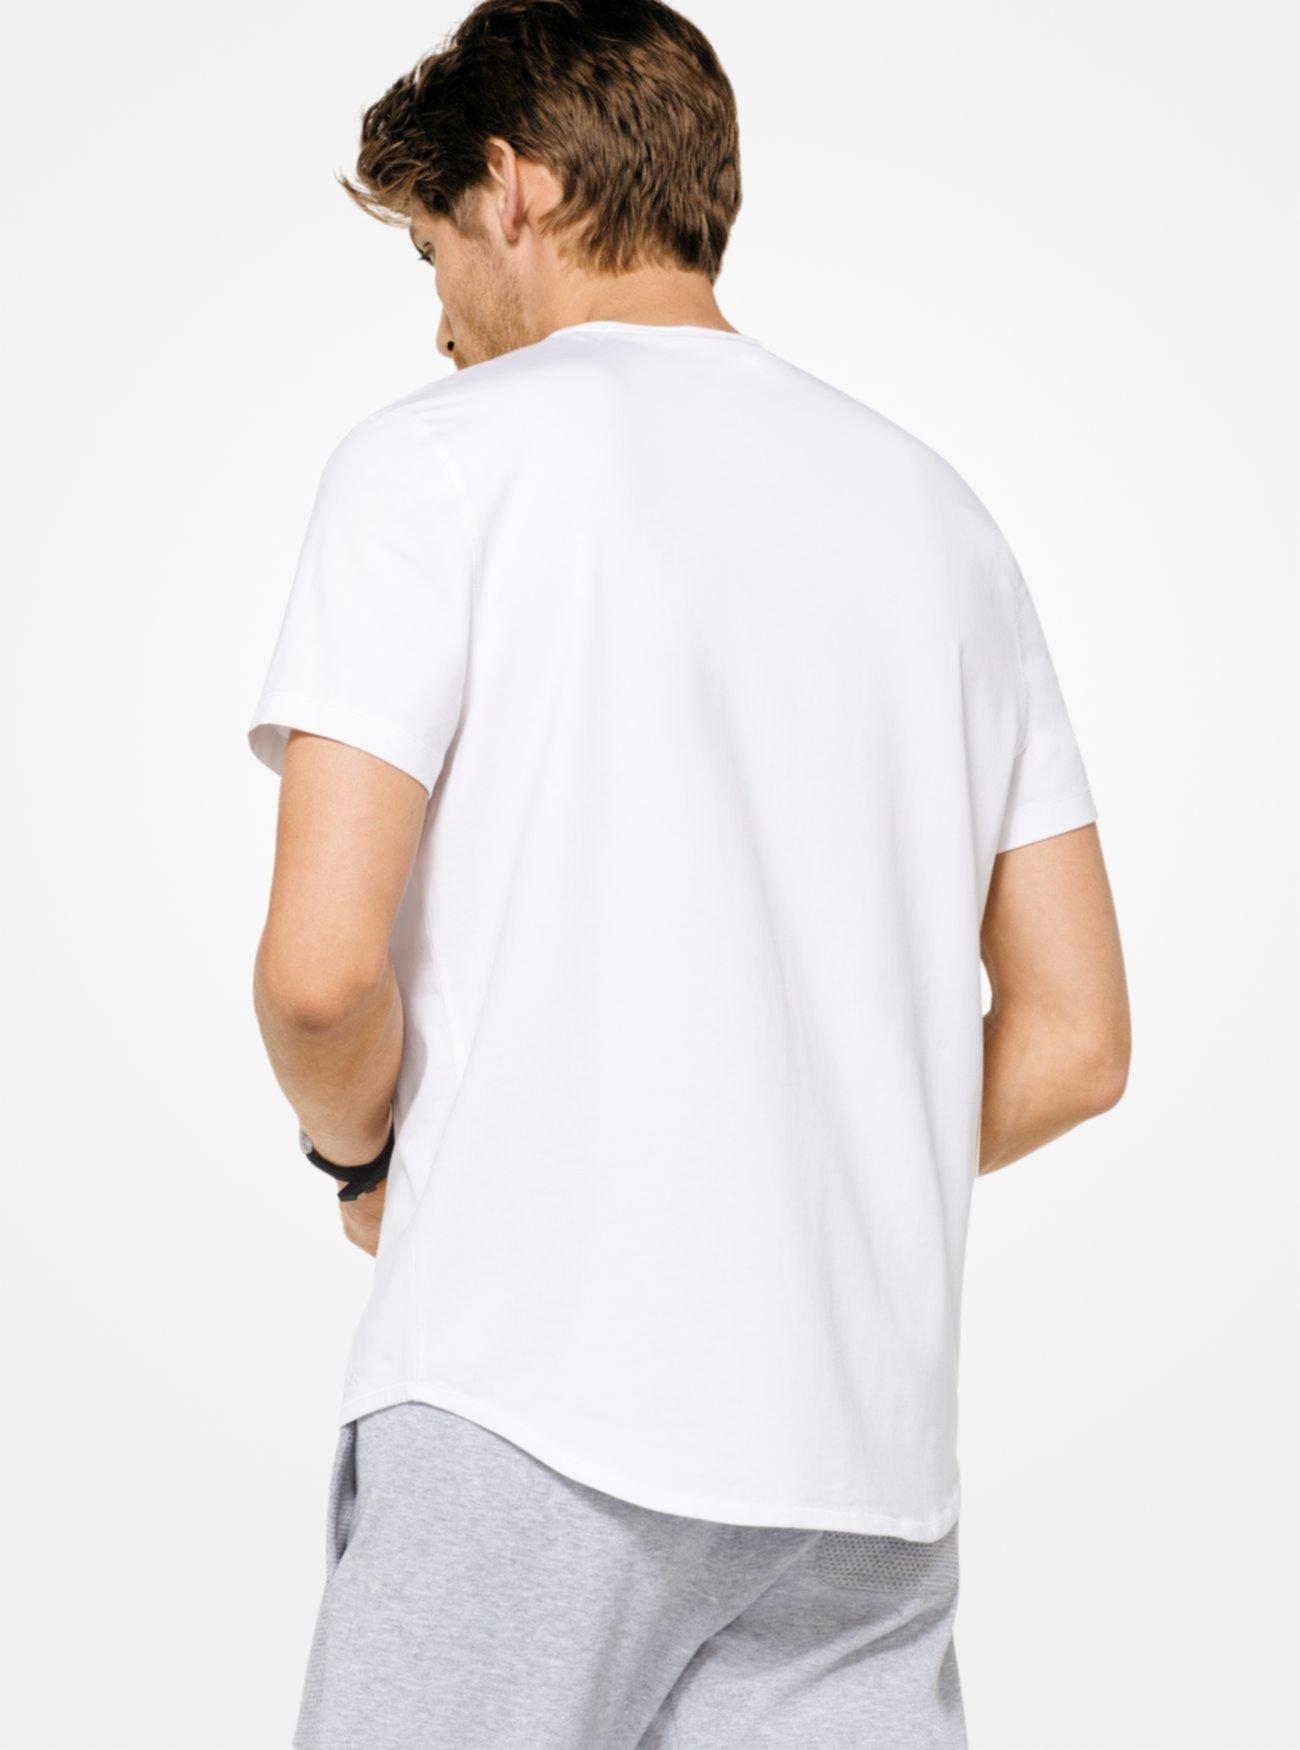 Хлопковая футболка из эластичного хлопка Michael Kors